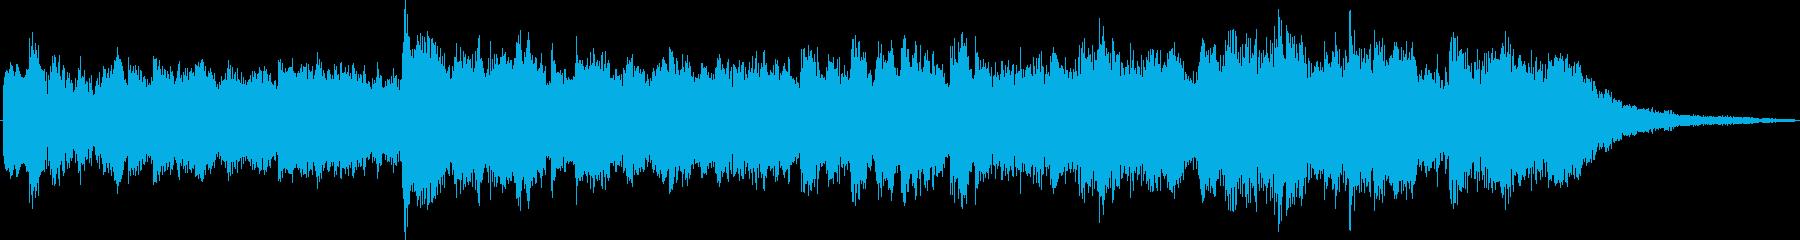 かわいらしく幻想的なヒーリングジングルの再生済みの波形